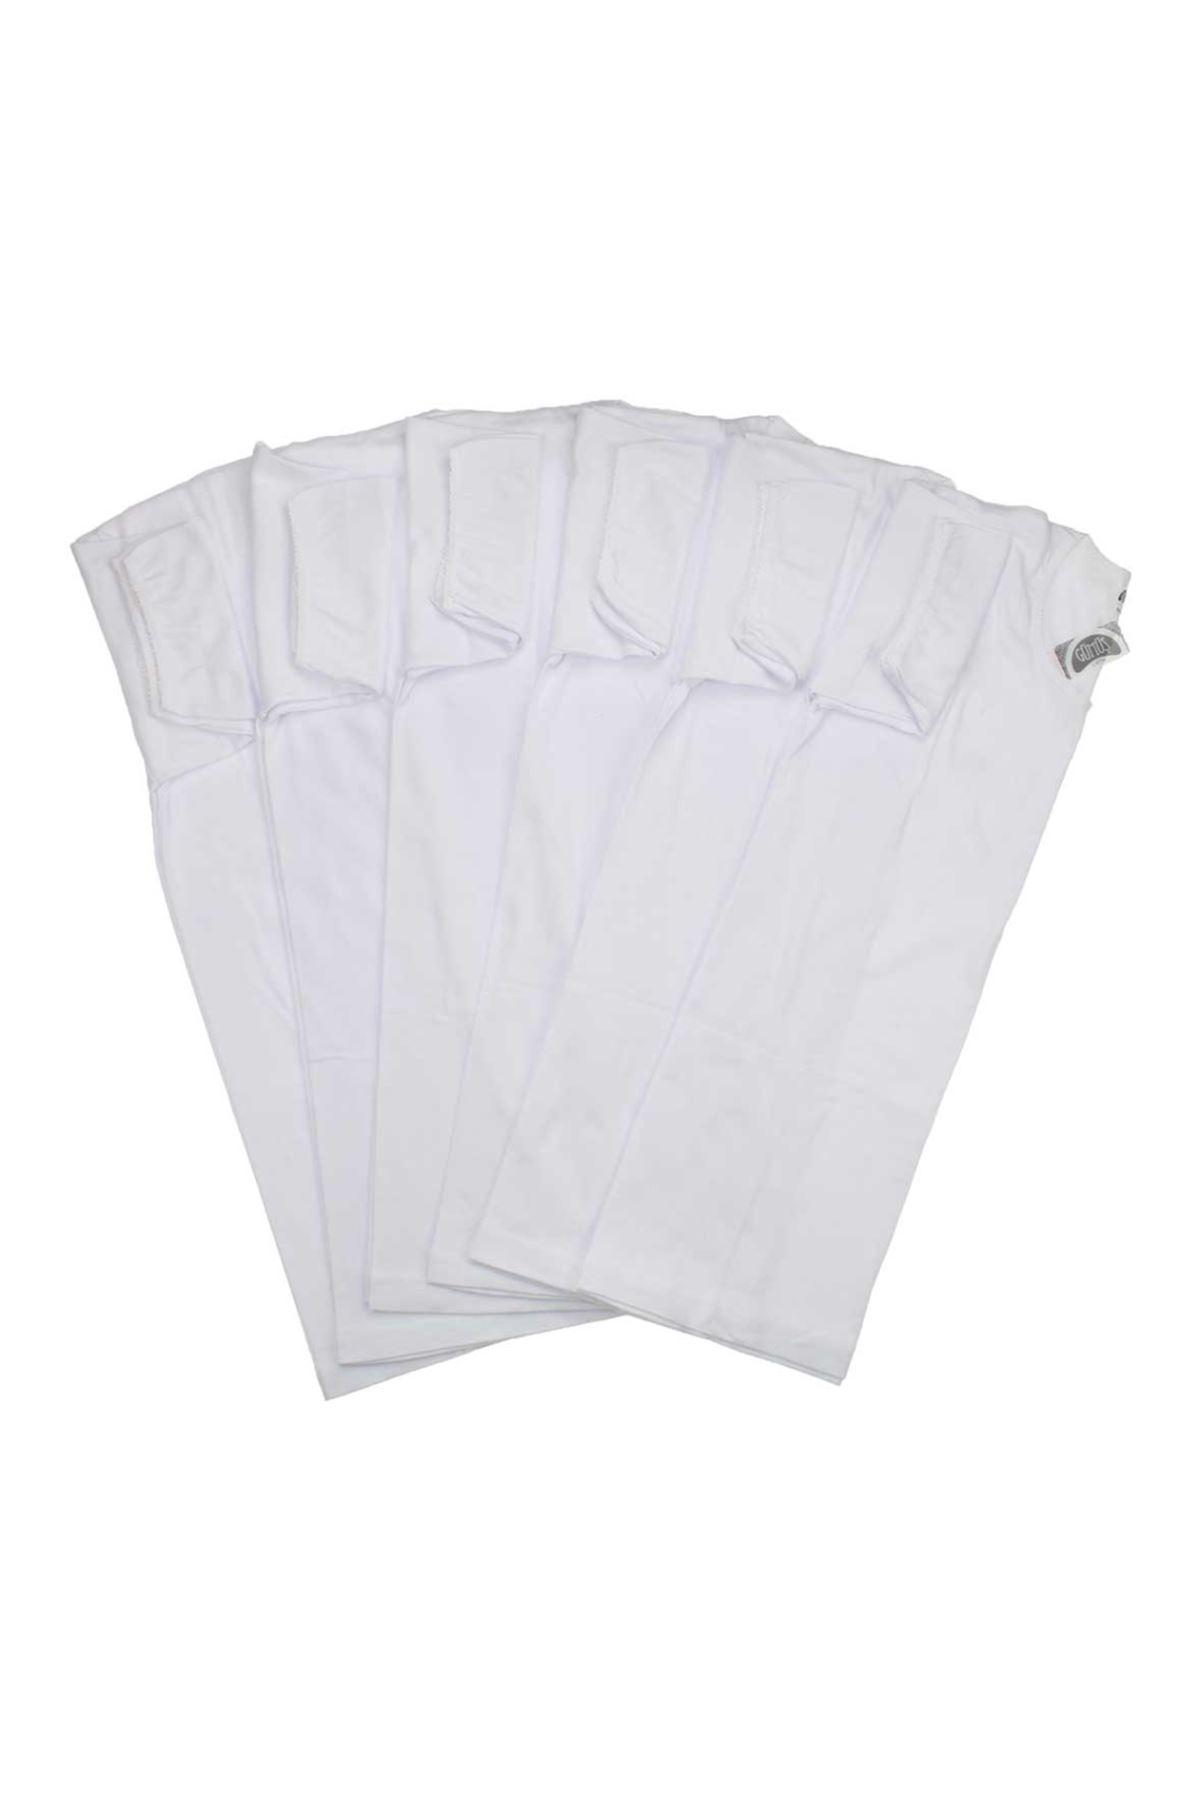 Gümüş İç Giyim Bayan 6 lı Beyaz Fanila